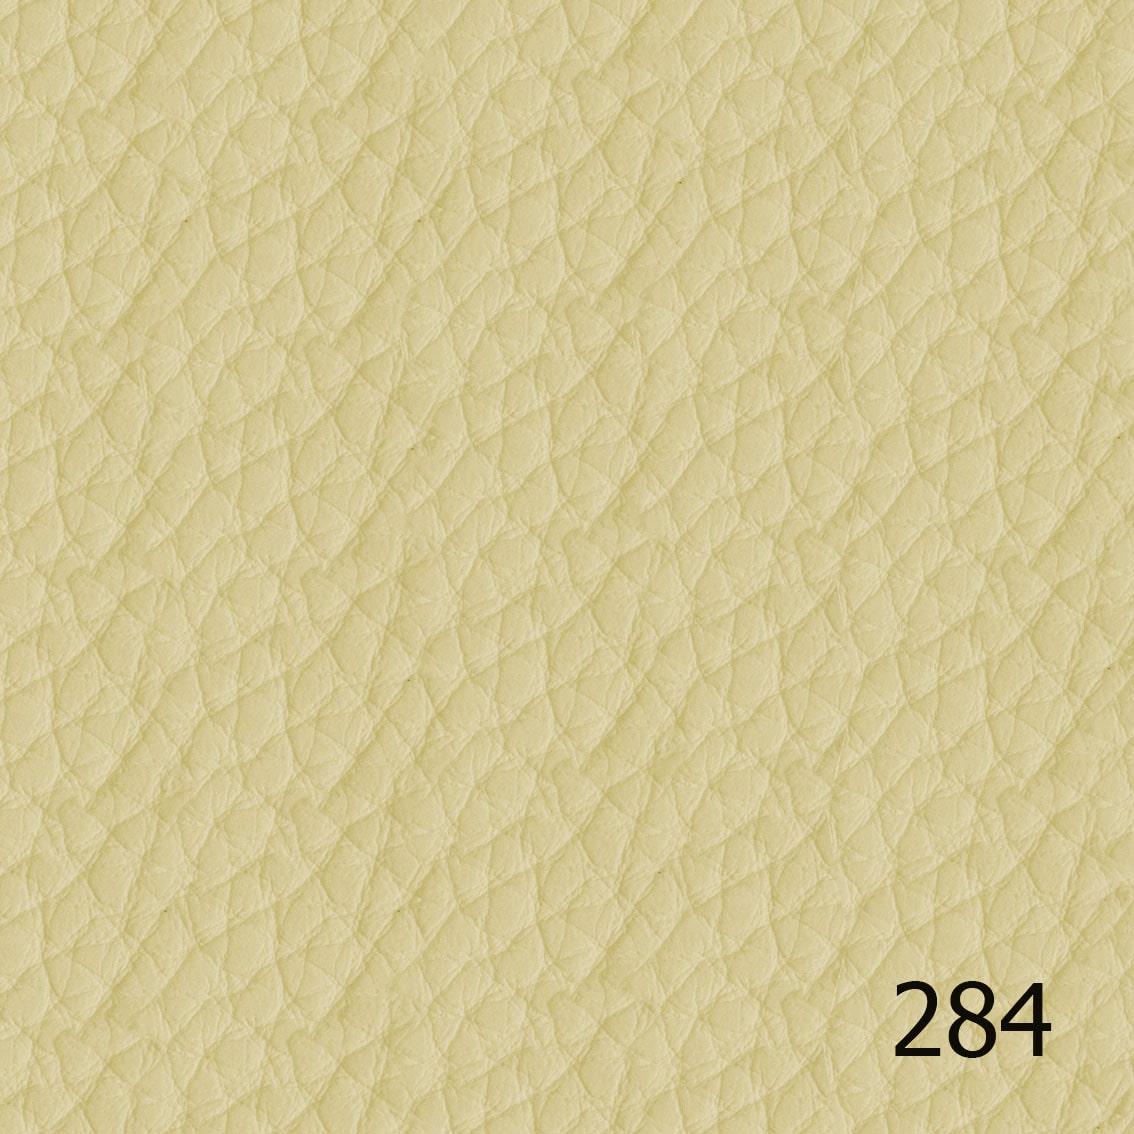 284-min